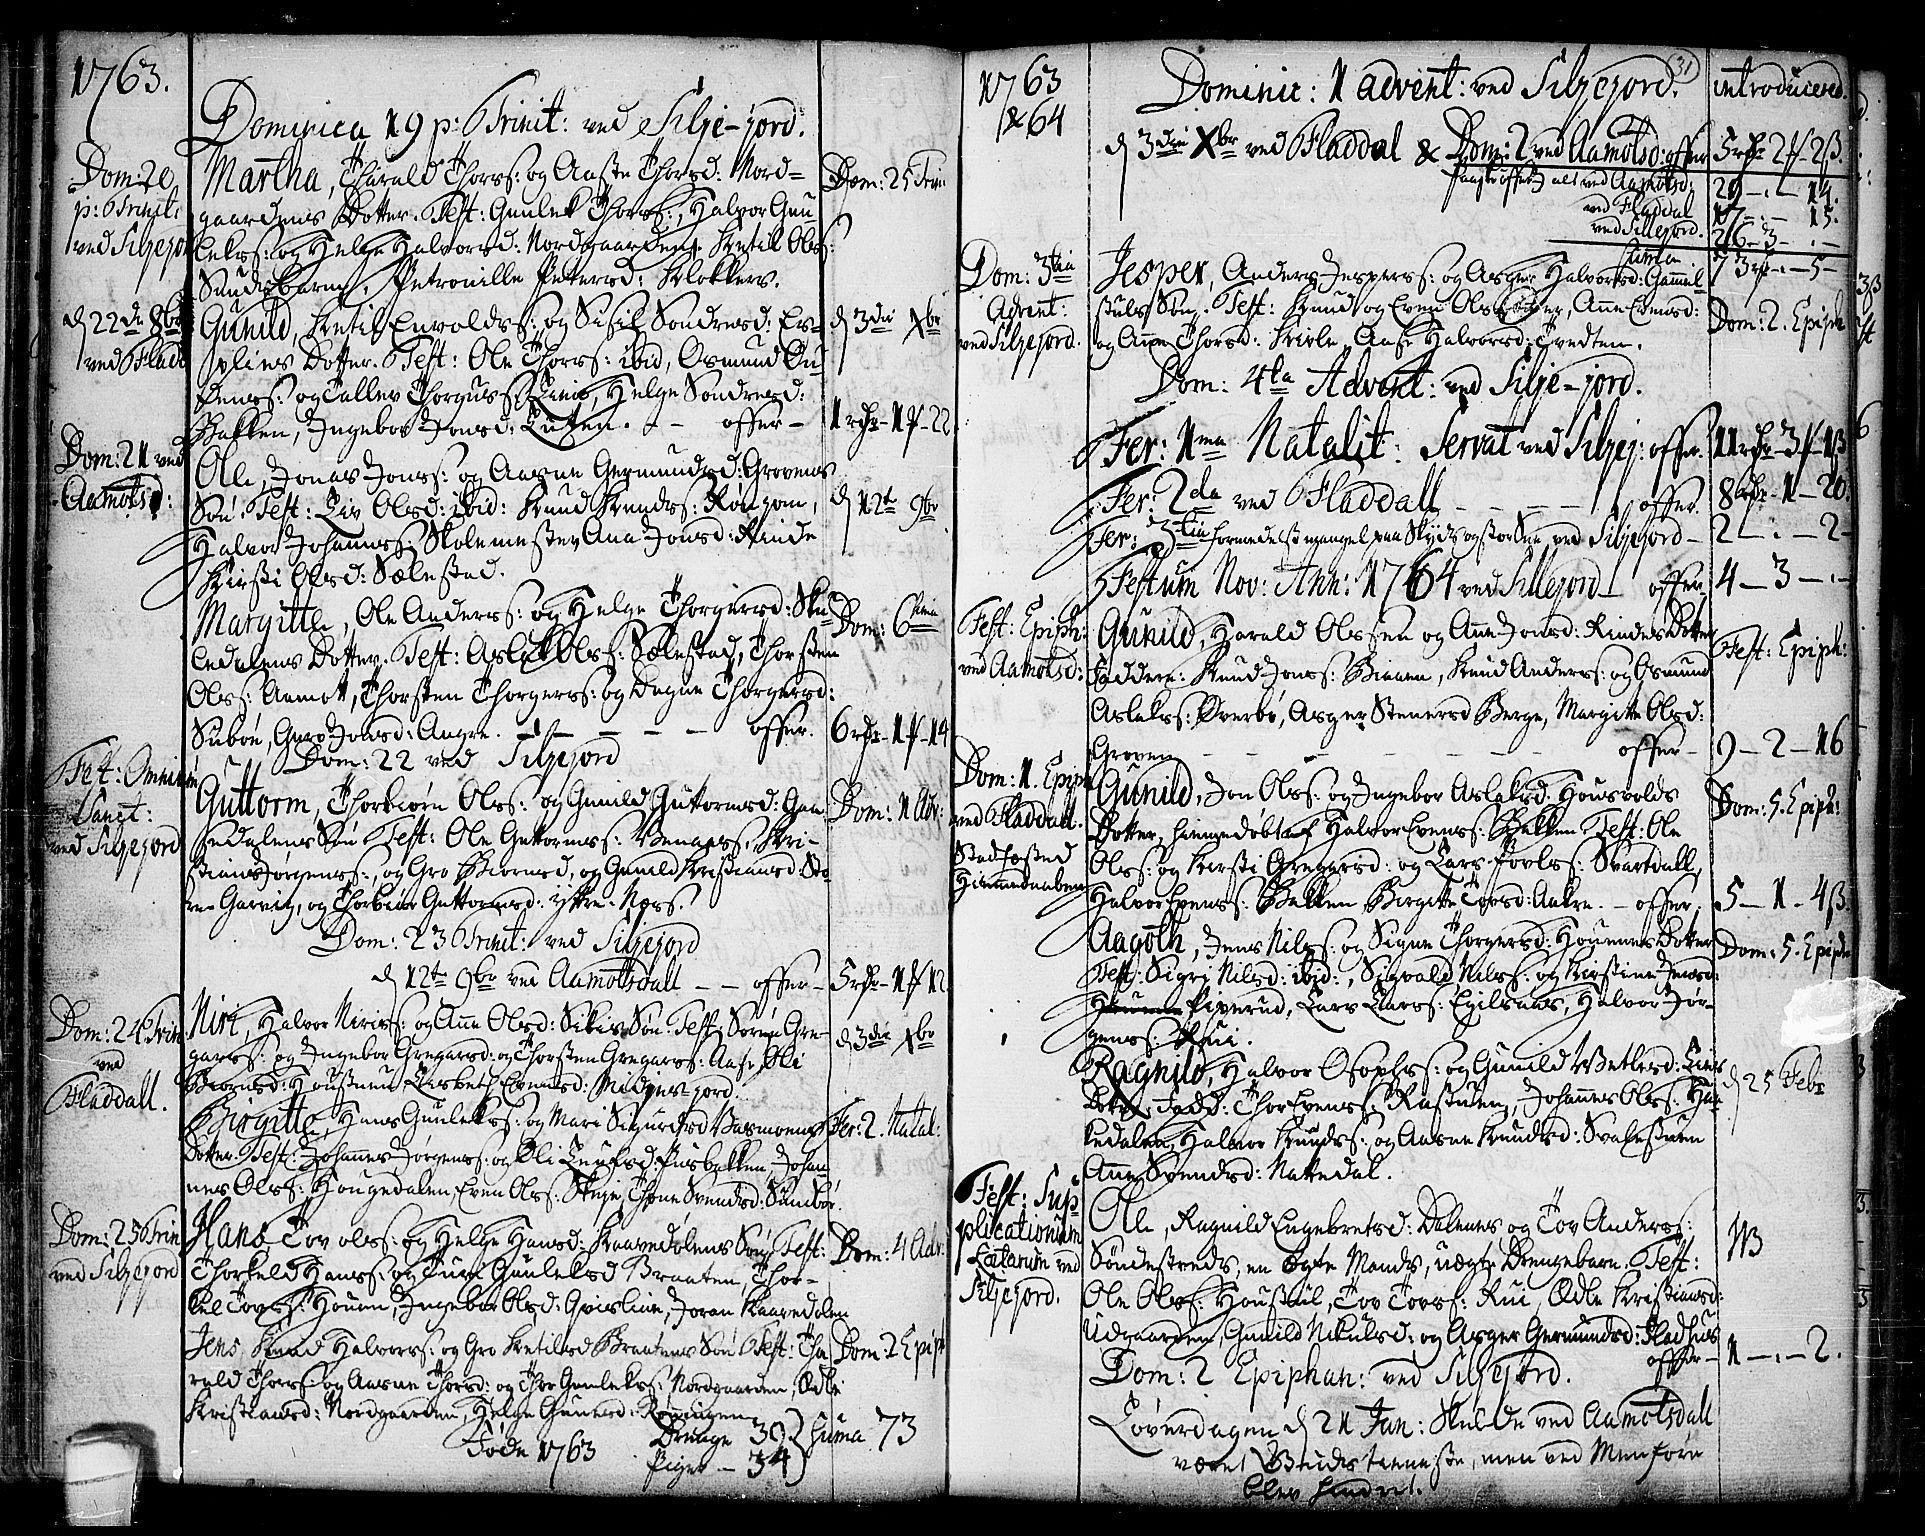 SAKO, Seljord kirkebøker, F/Fa/L0007: Ministerialbok nr. I 7, 1755-1800, s. 31